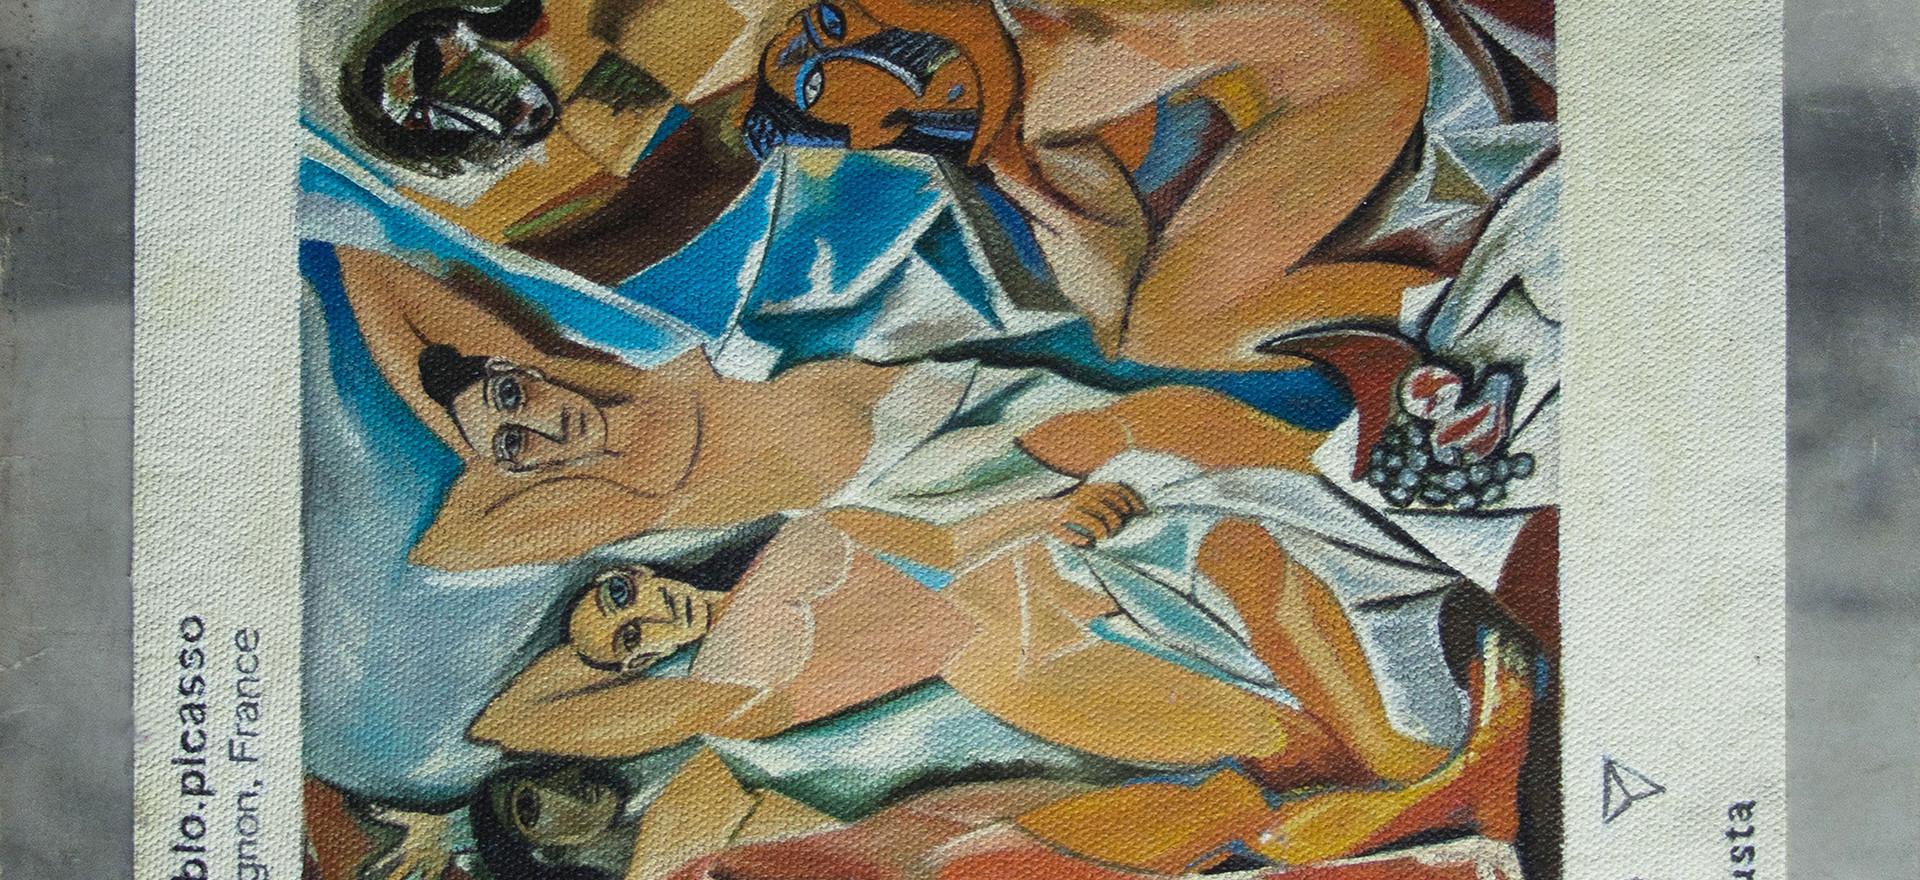 Pablo Picasso, Avignon France, 2019